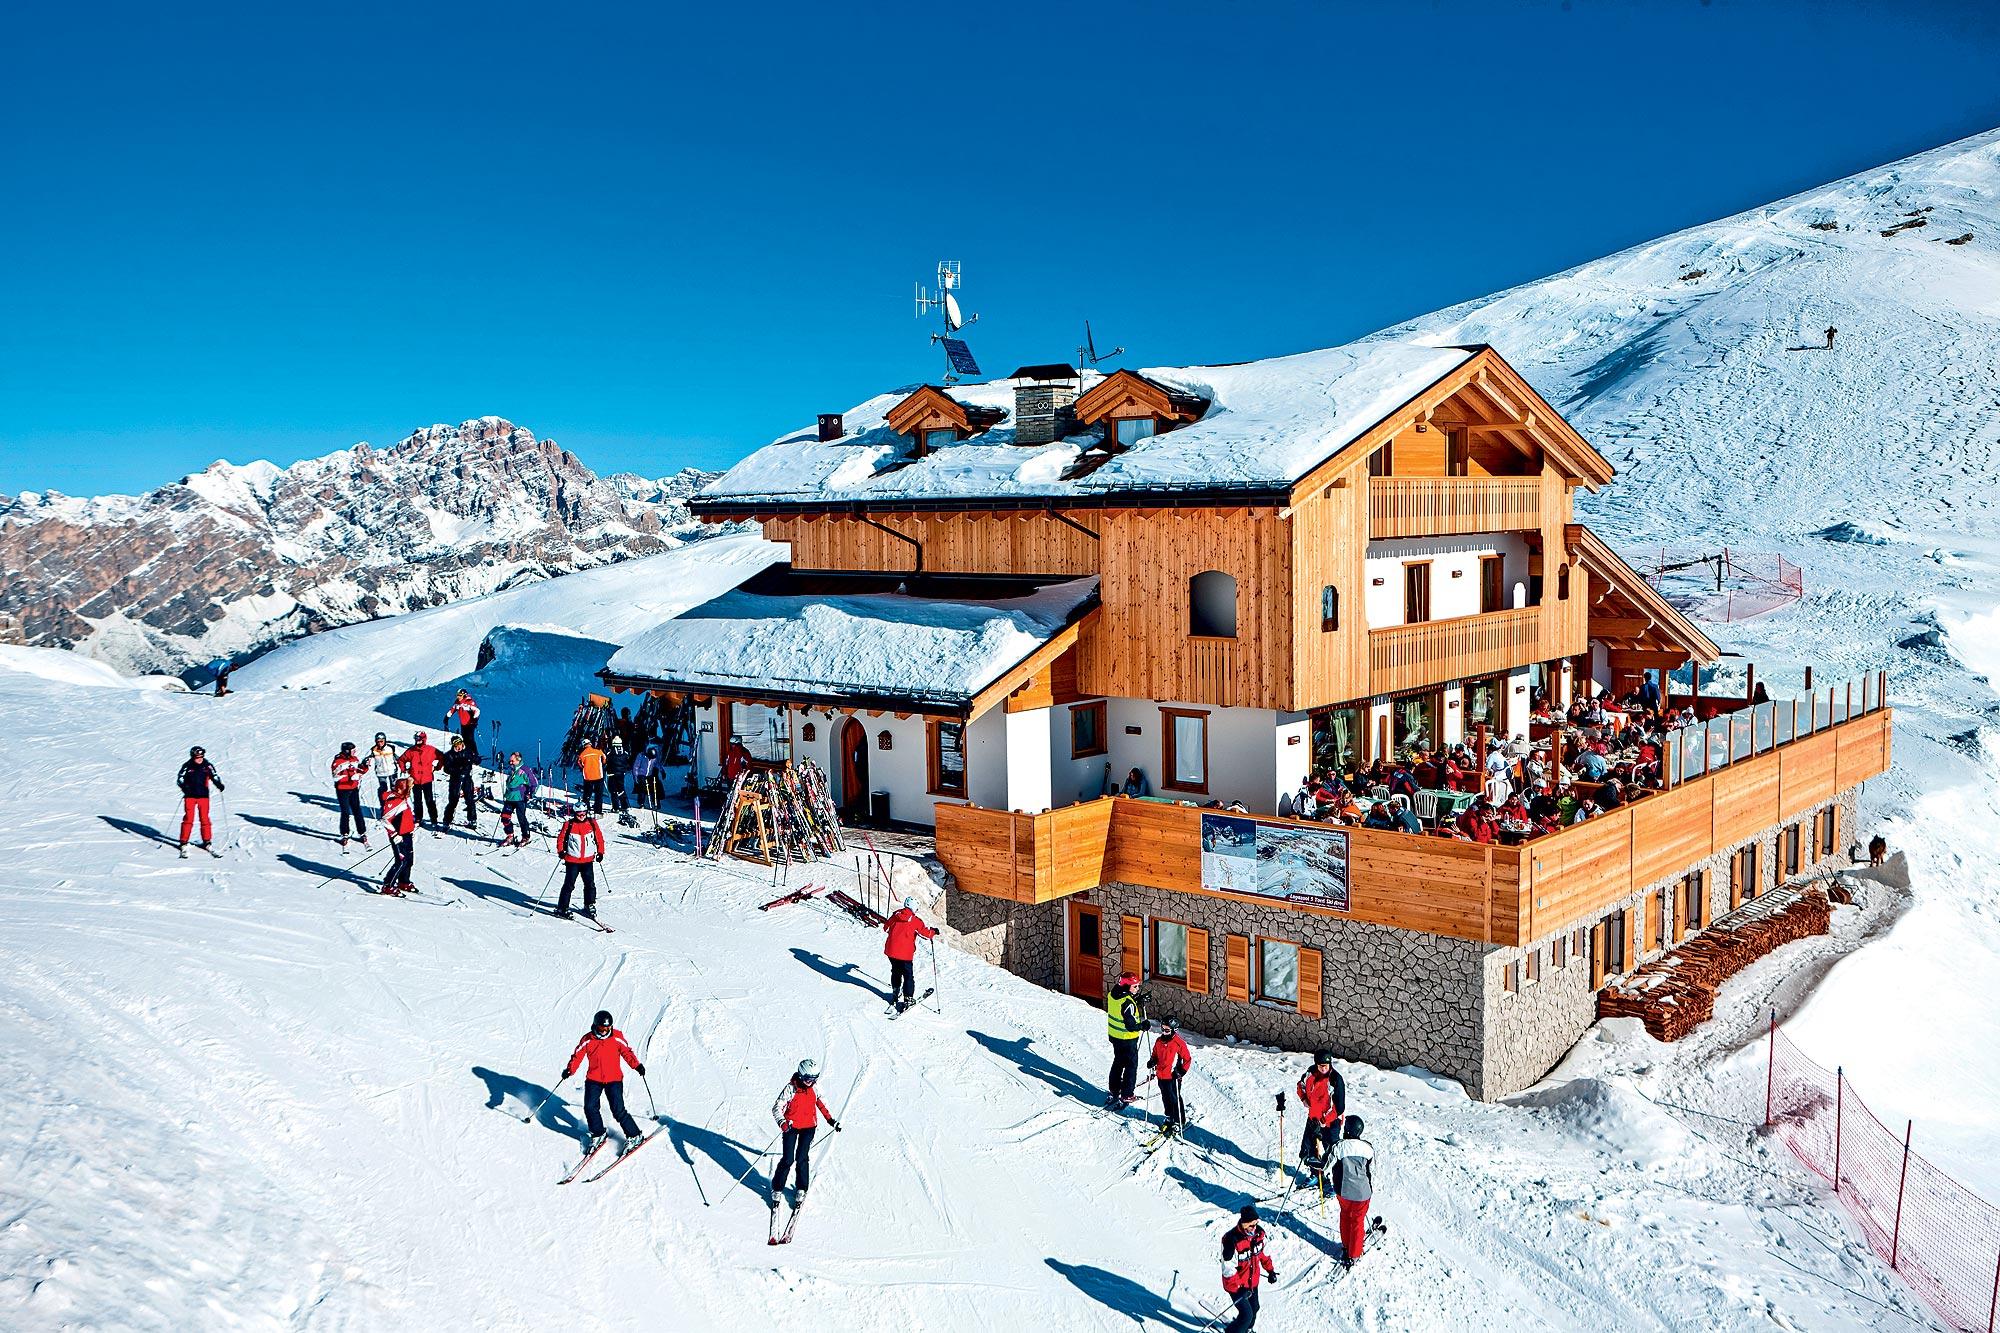 Destino de esqui - Cortina D'Ampezzo, na Itália